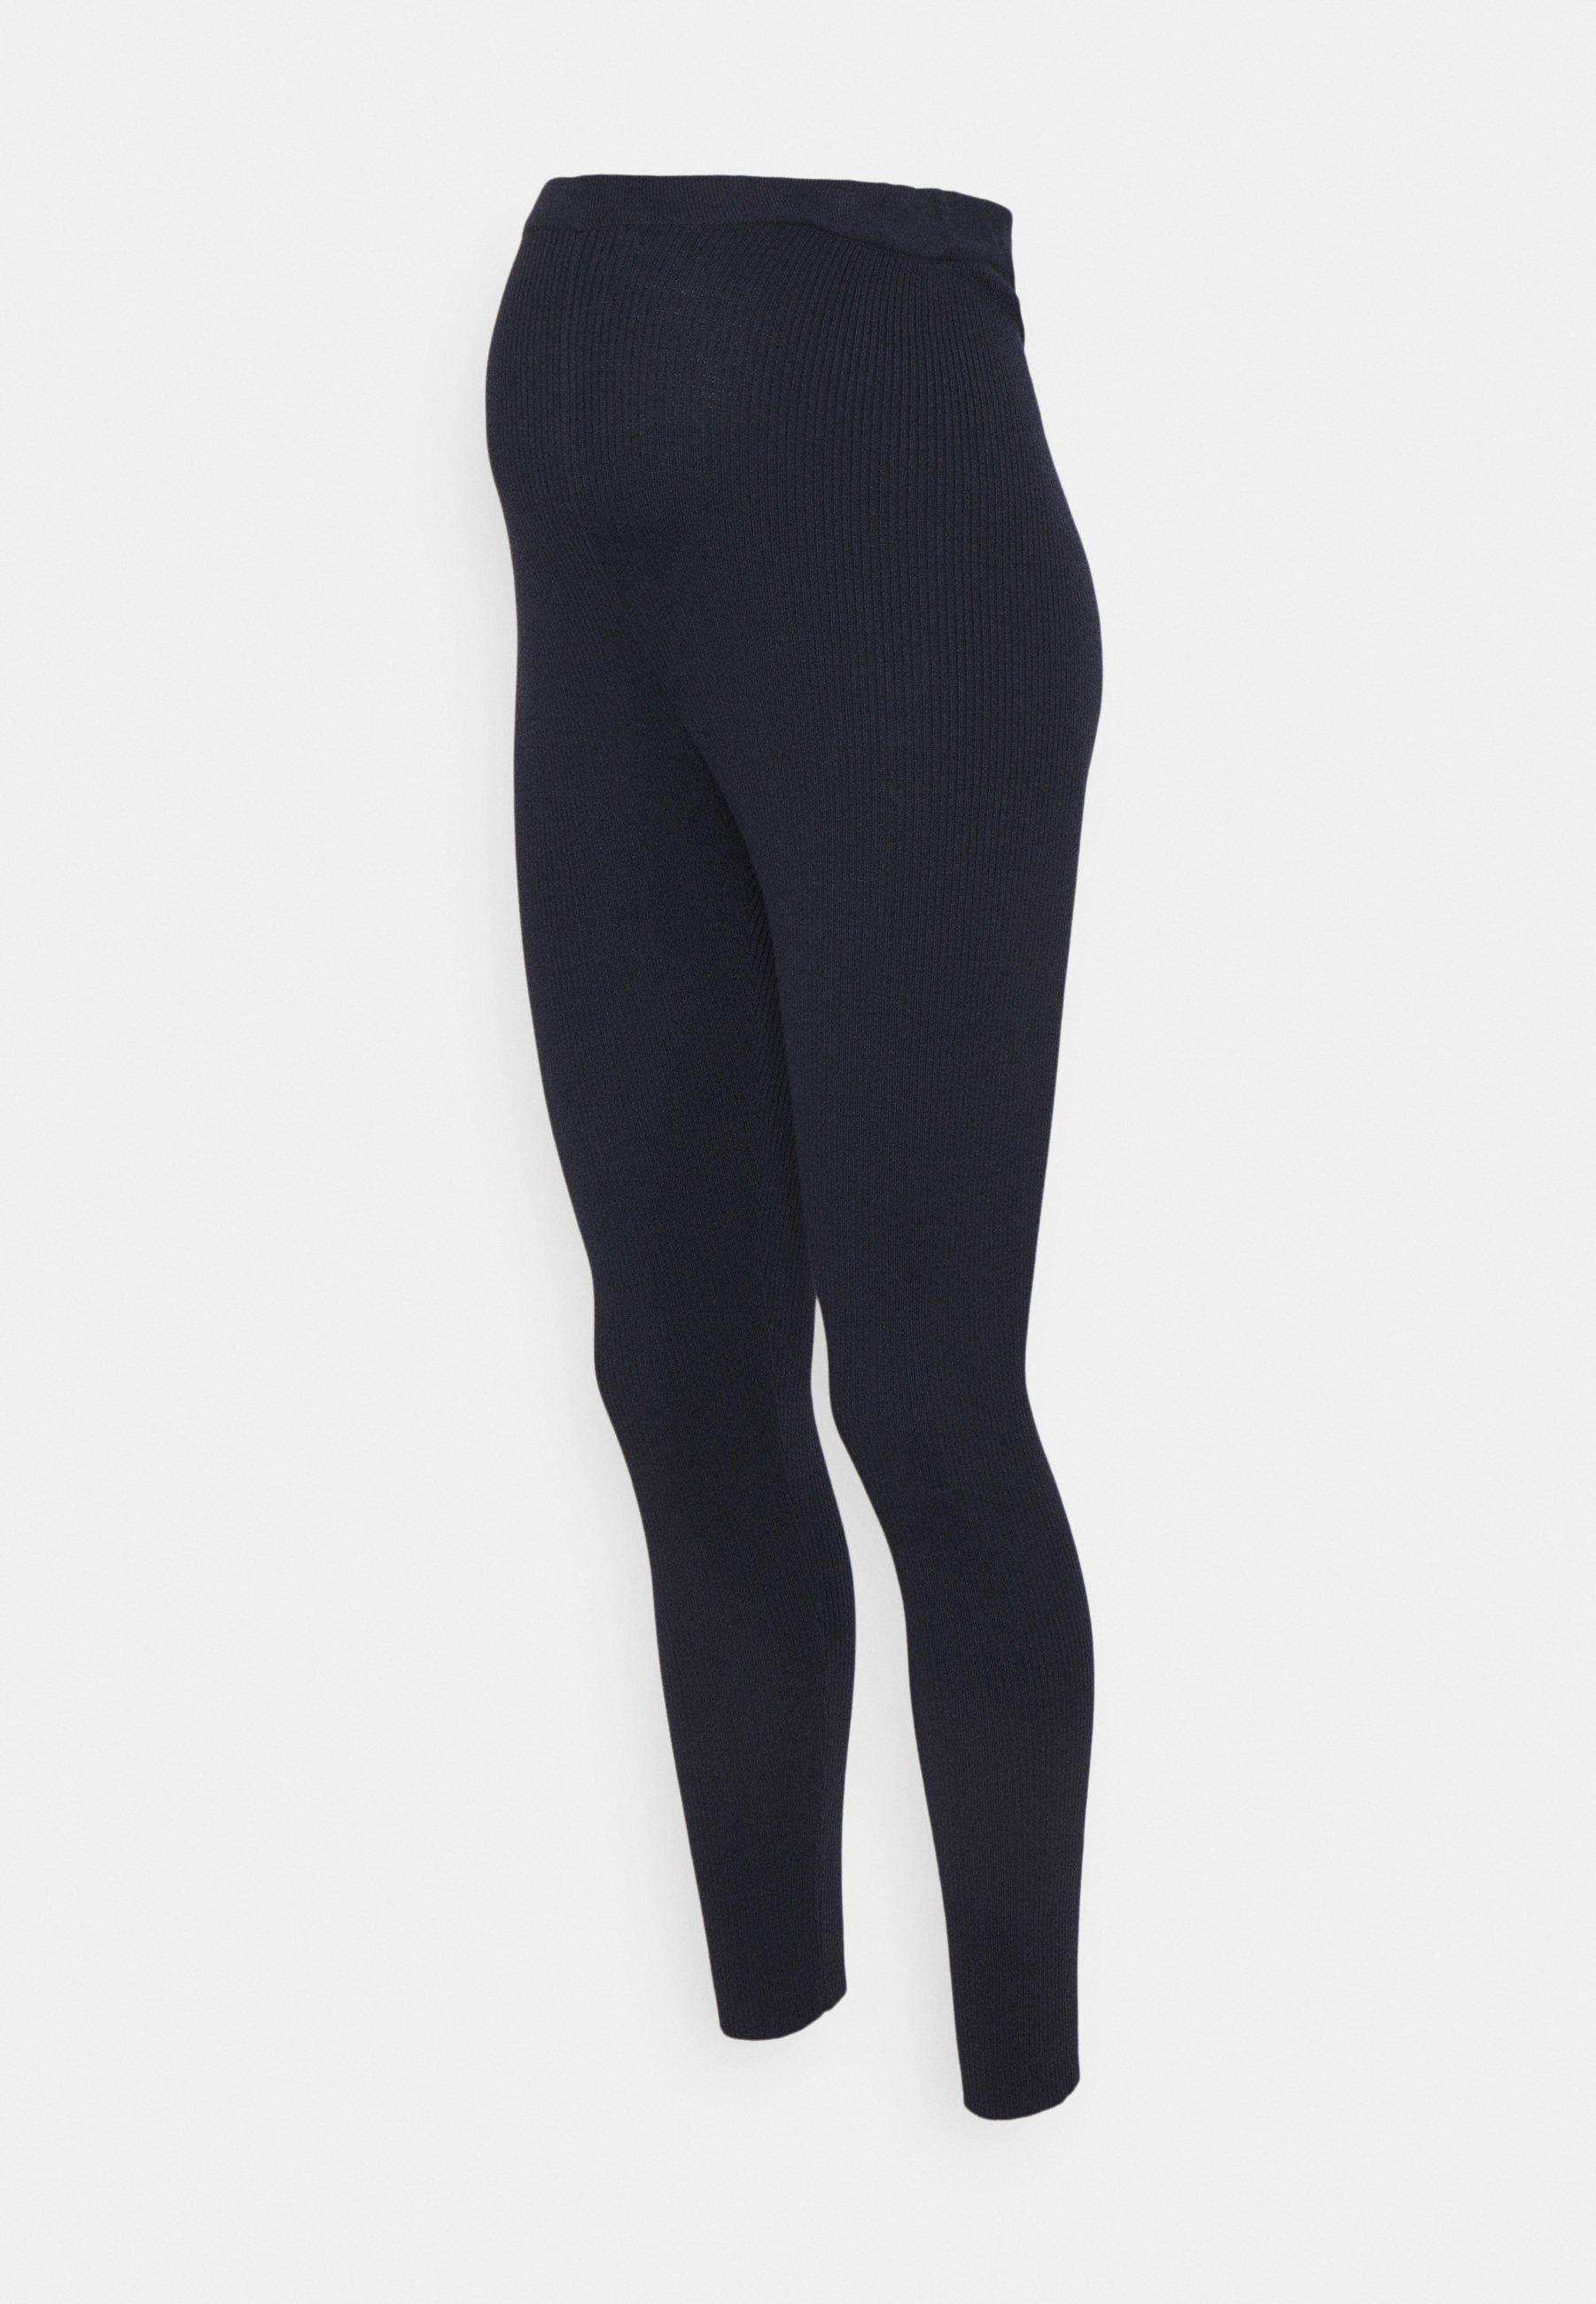 Damen GURNEE - Leggings - Hosen